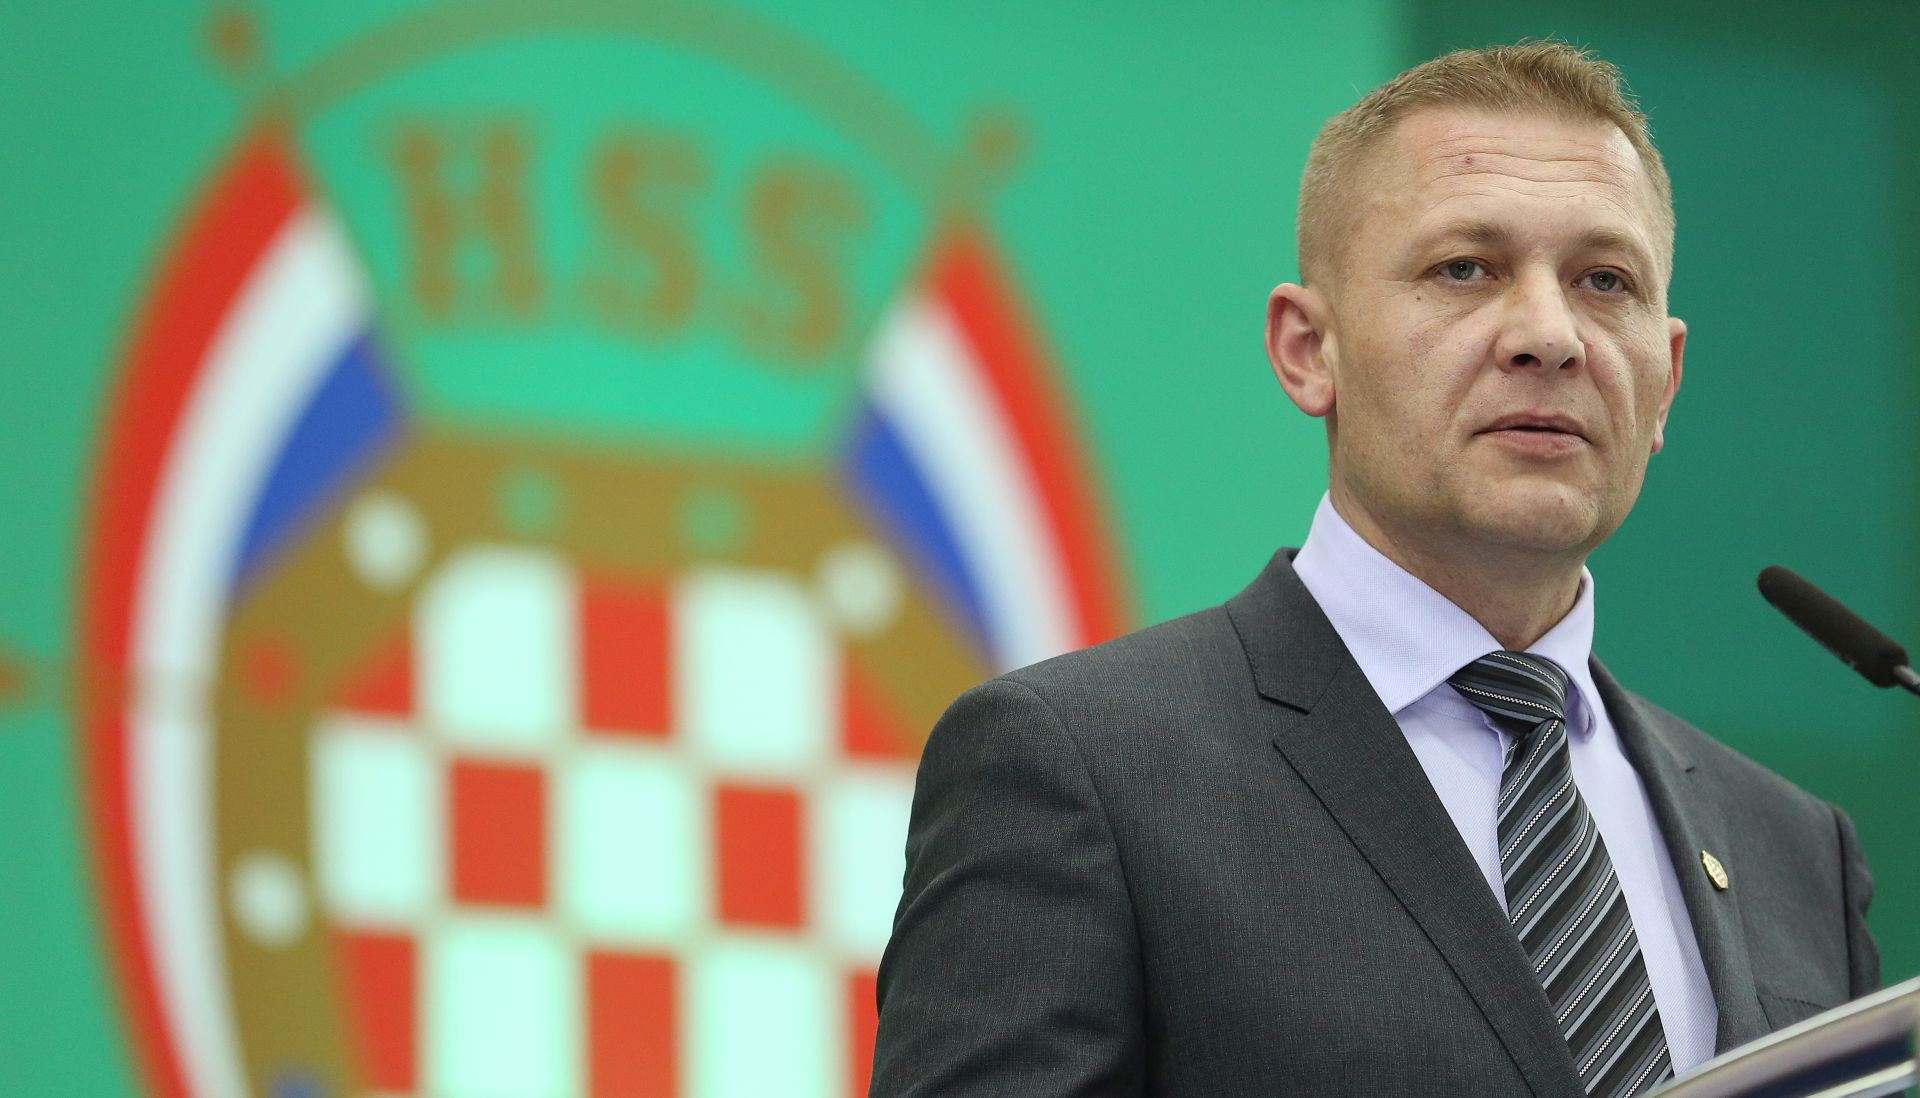 """BELJAK """"Vlada Andreja Plenkovića ispucala je mirni period, više nema razloga da štedimo Vladu"""""""